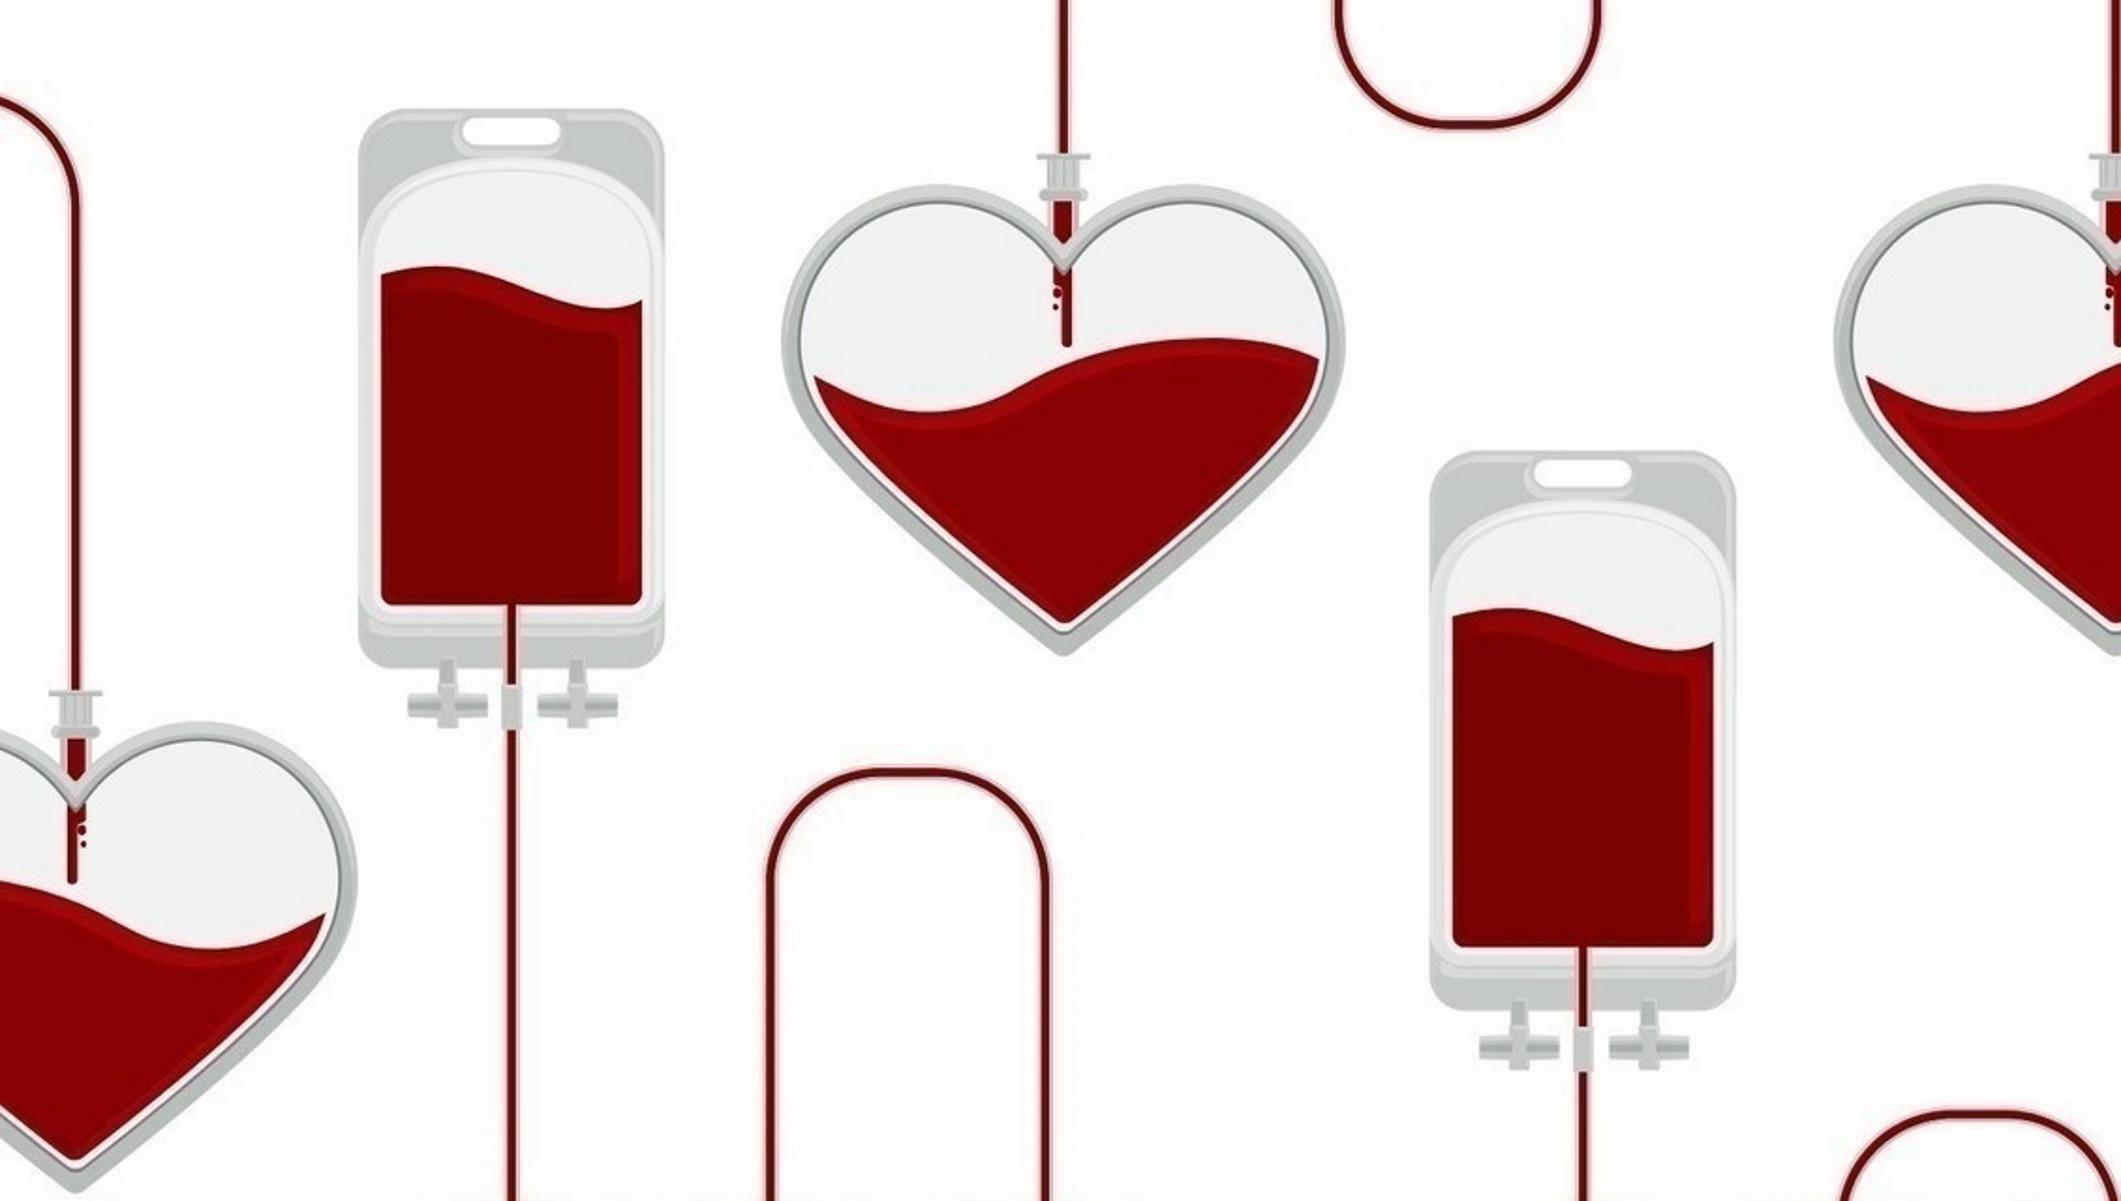 Δήμος Αθηναίων: Εθελοντική αιμοδοσία στο Σεράφειο Κολυμβητήριο την Πέμπτη